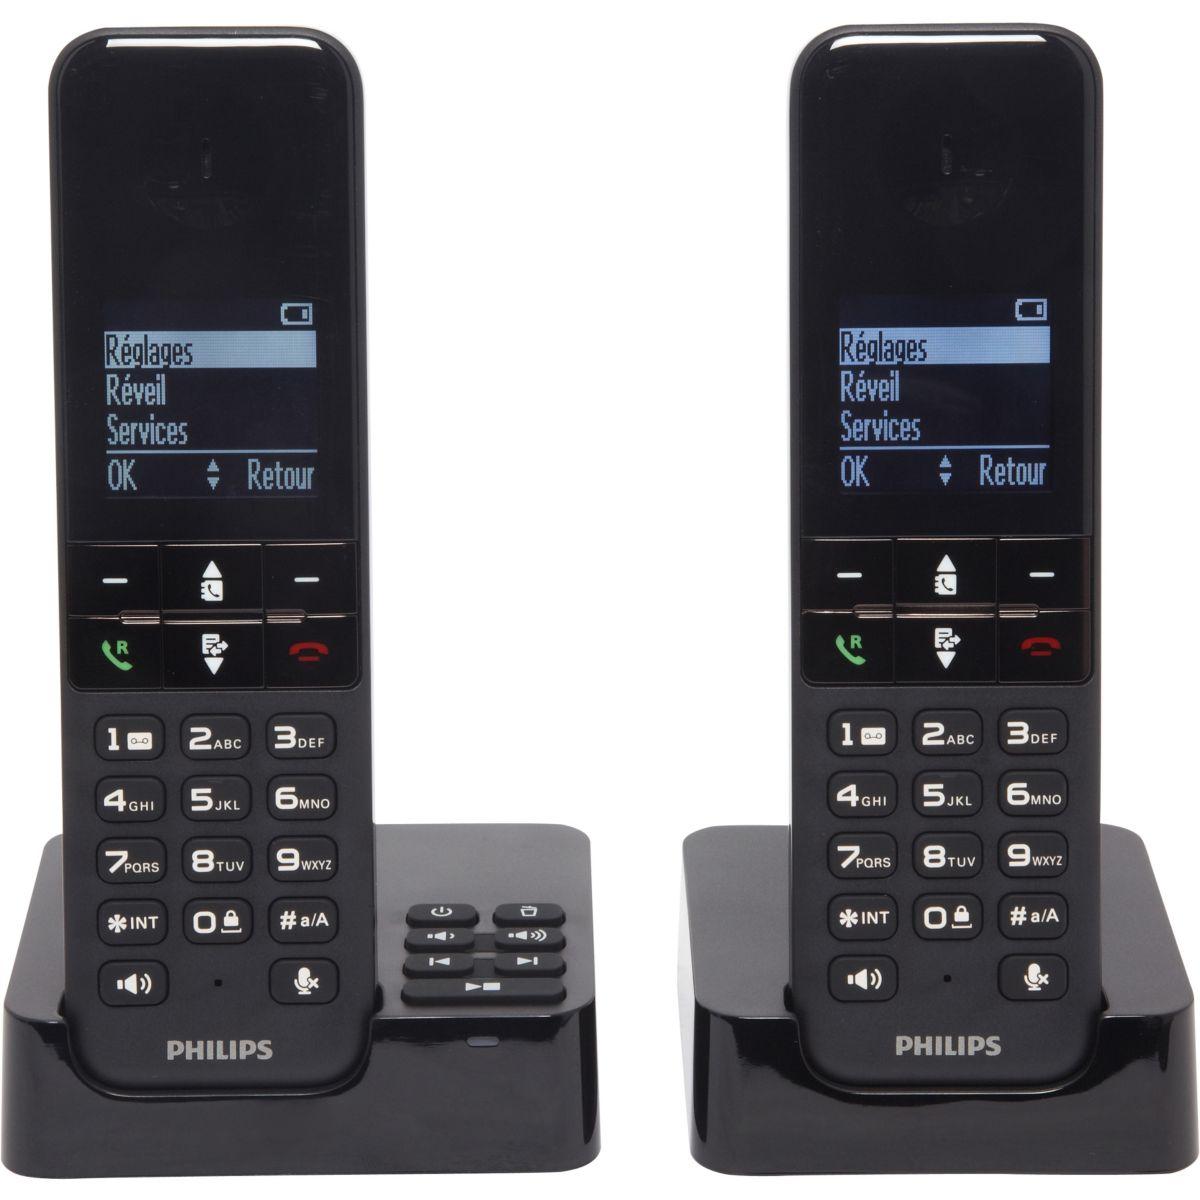 Téléphone répondeur sans fil duo philips d455 noir - 3% de remise immédiate avec le code : multi3 (photo)